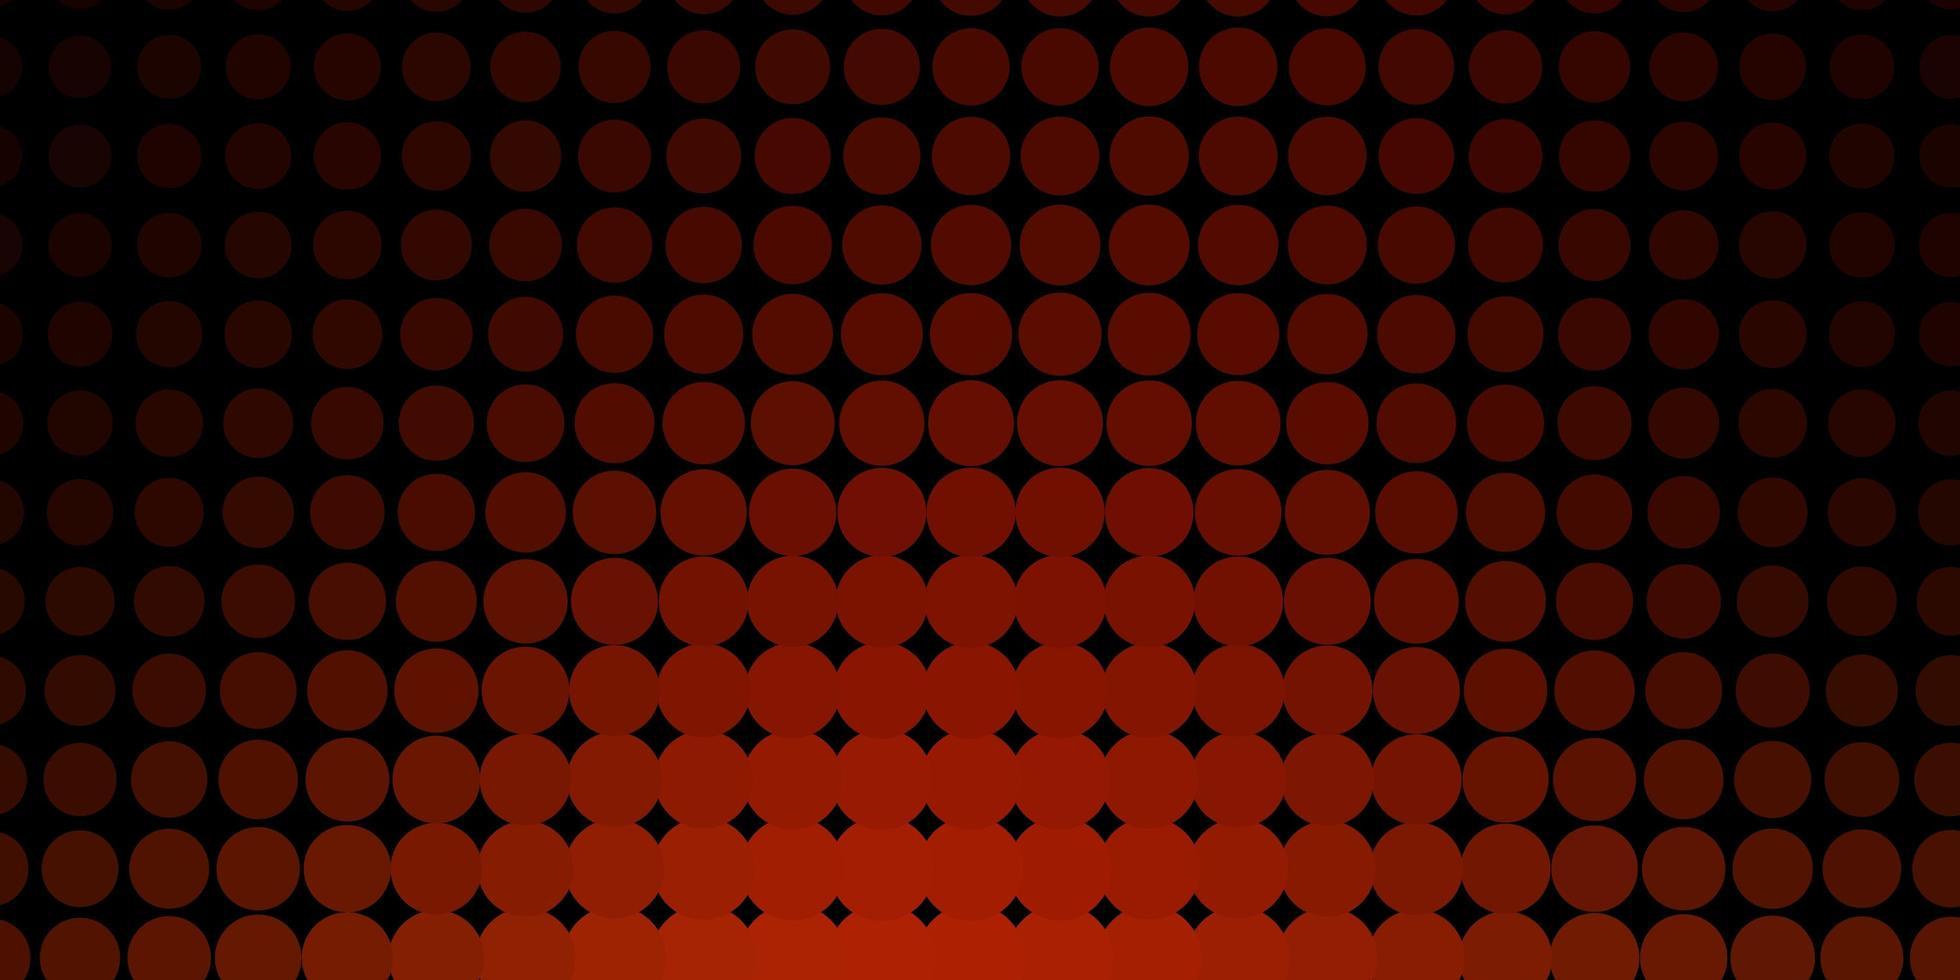 fond de vecteur orange foncé avec des bulles.